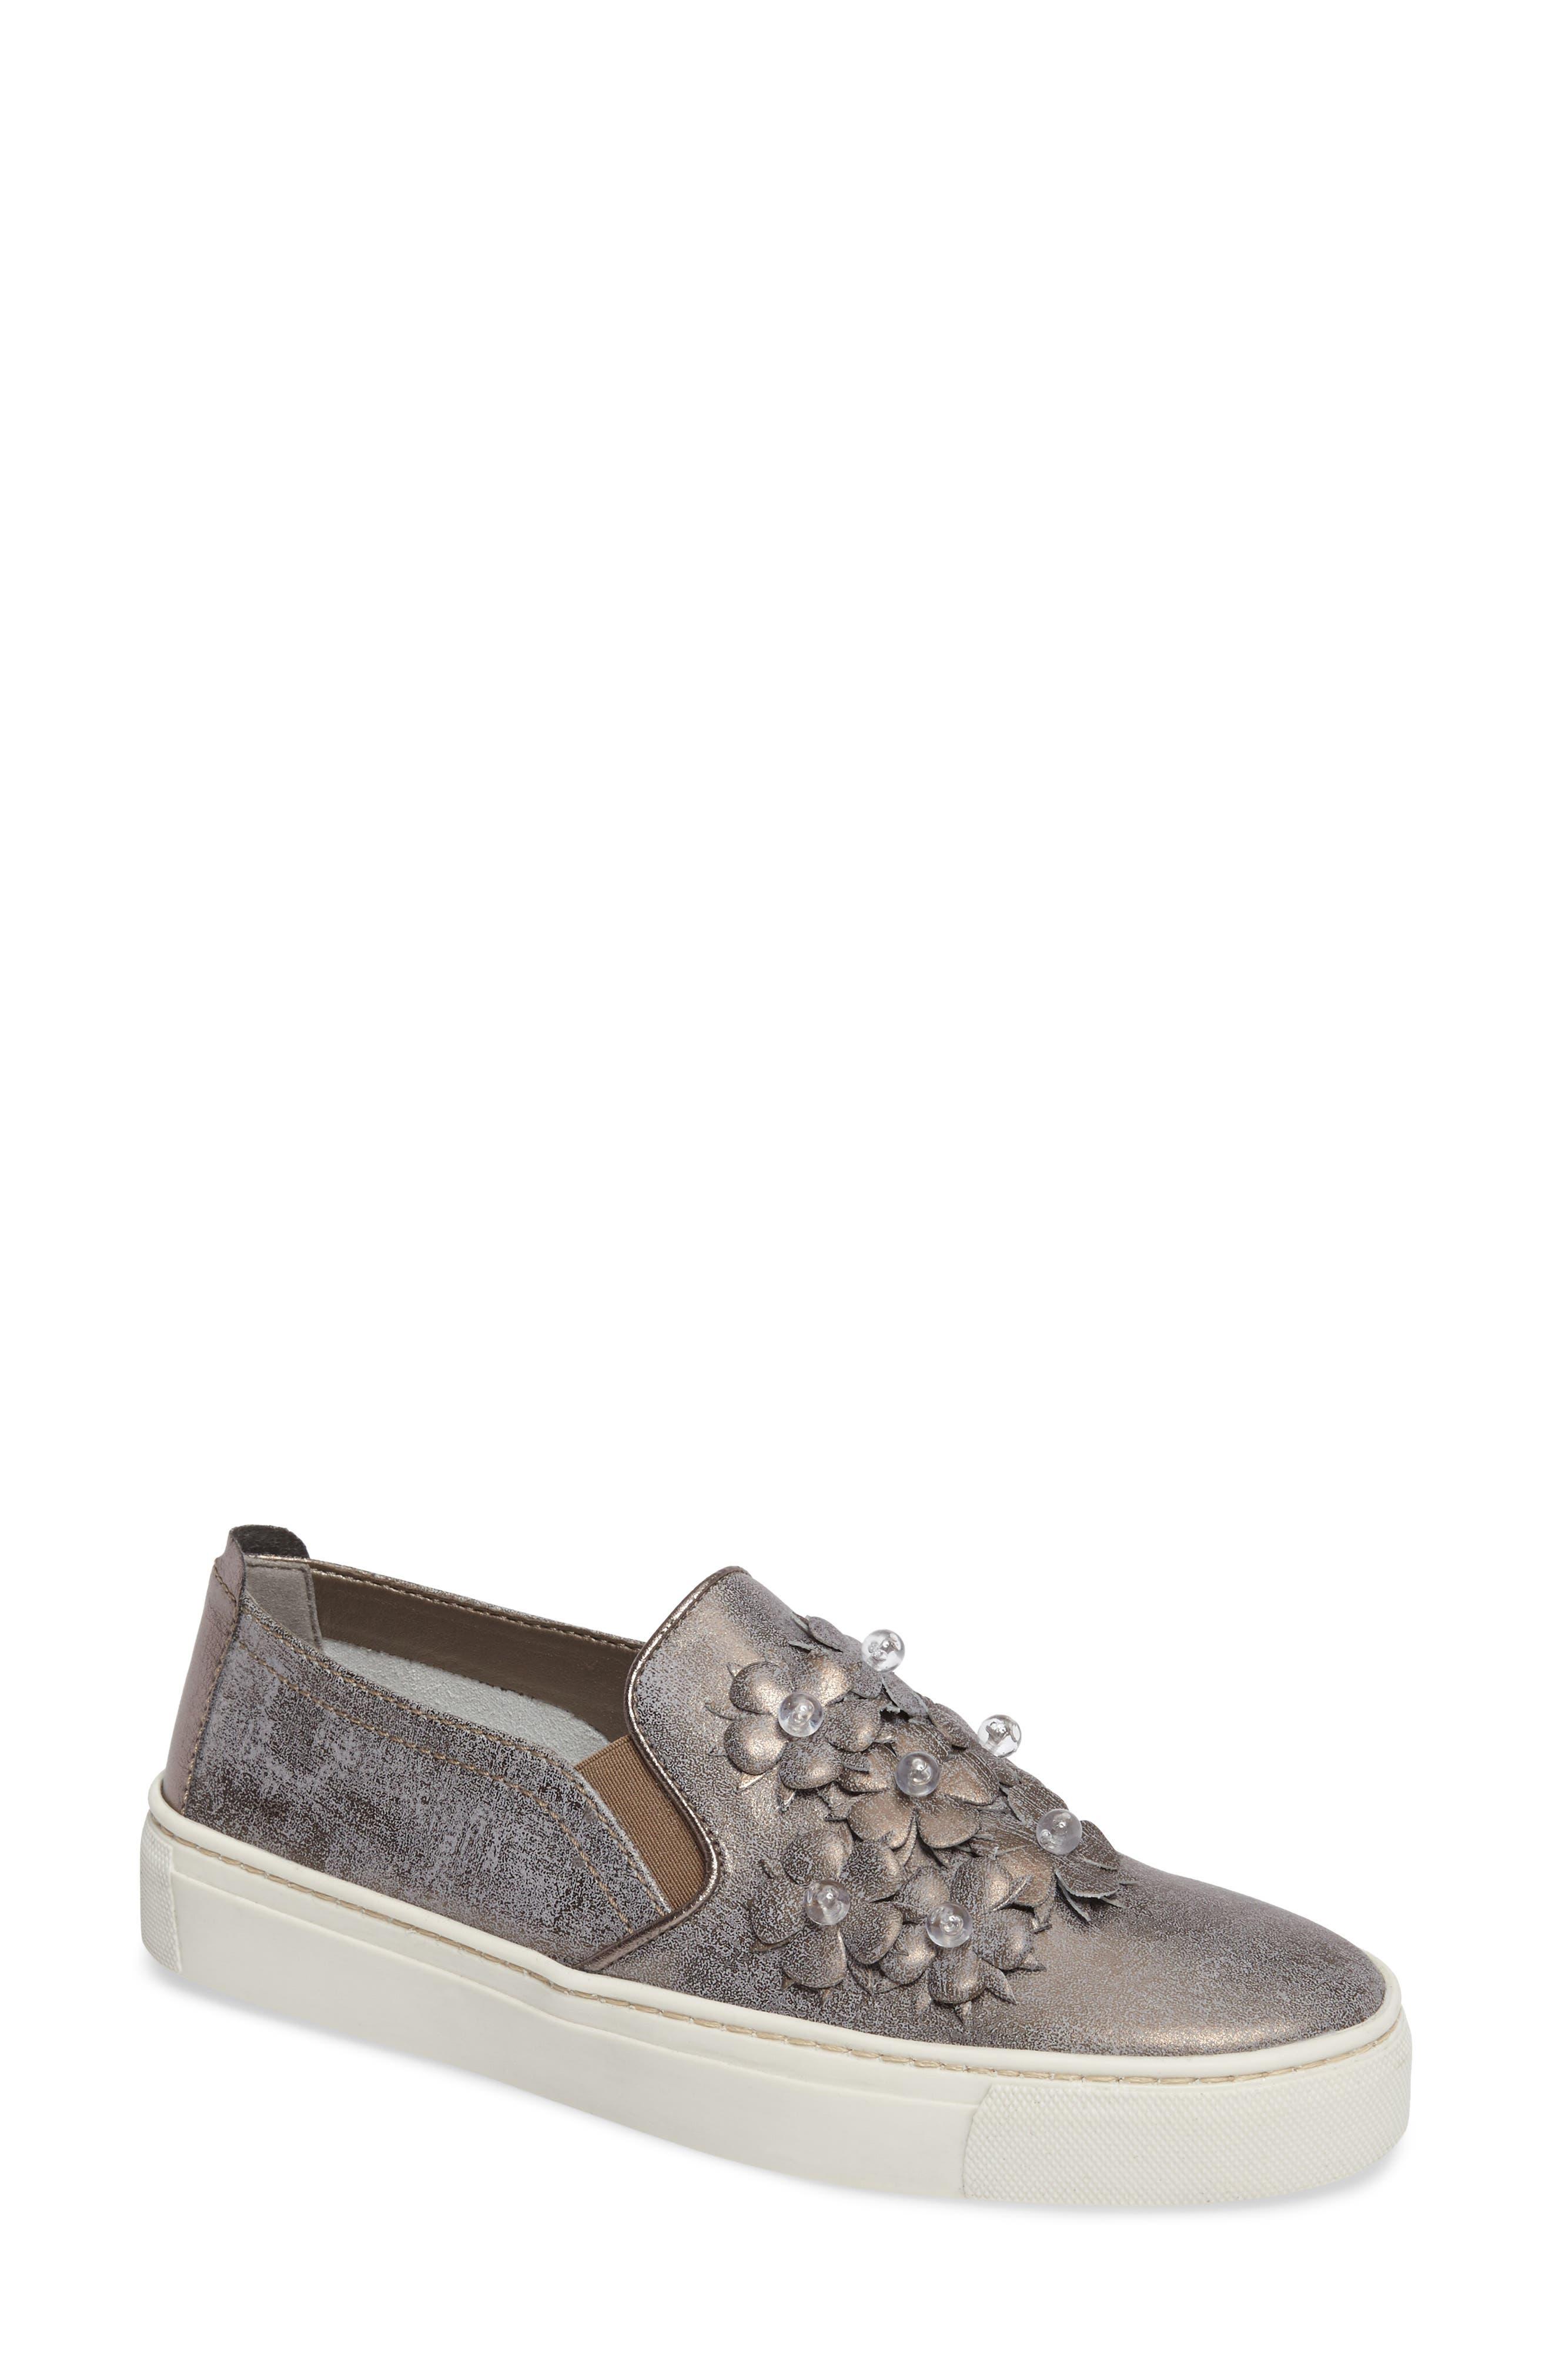 Sneak Blossom Slip-On Sneaker,                         Main,                         color, Gunmetal